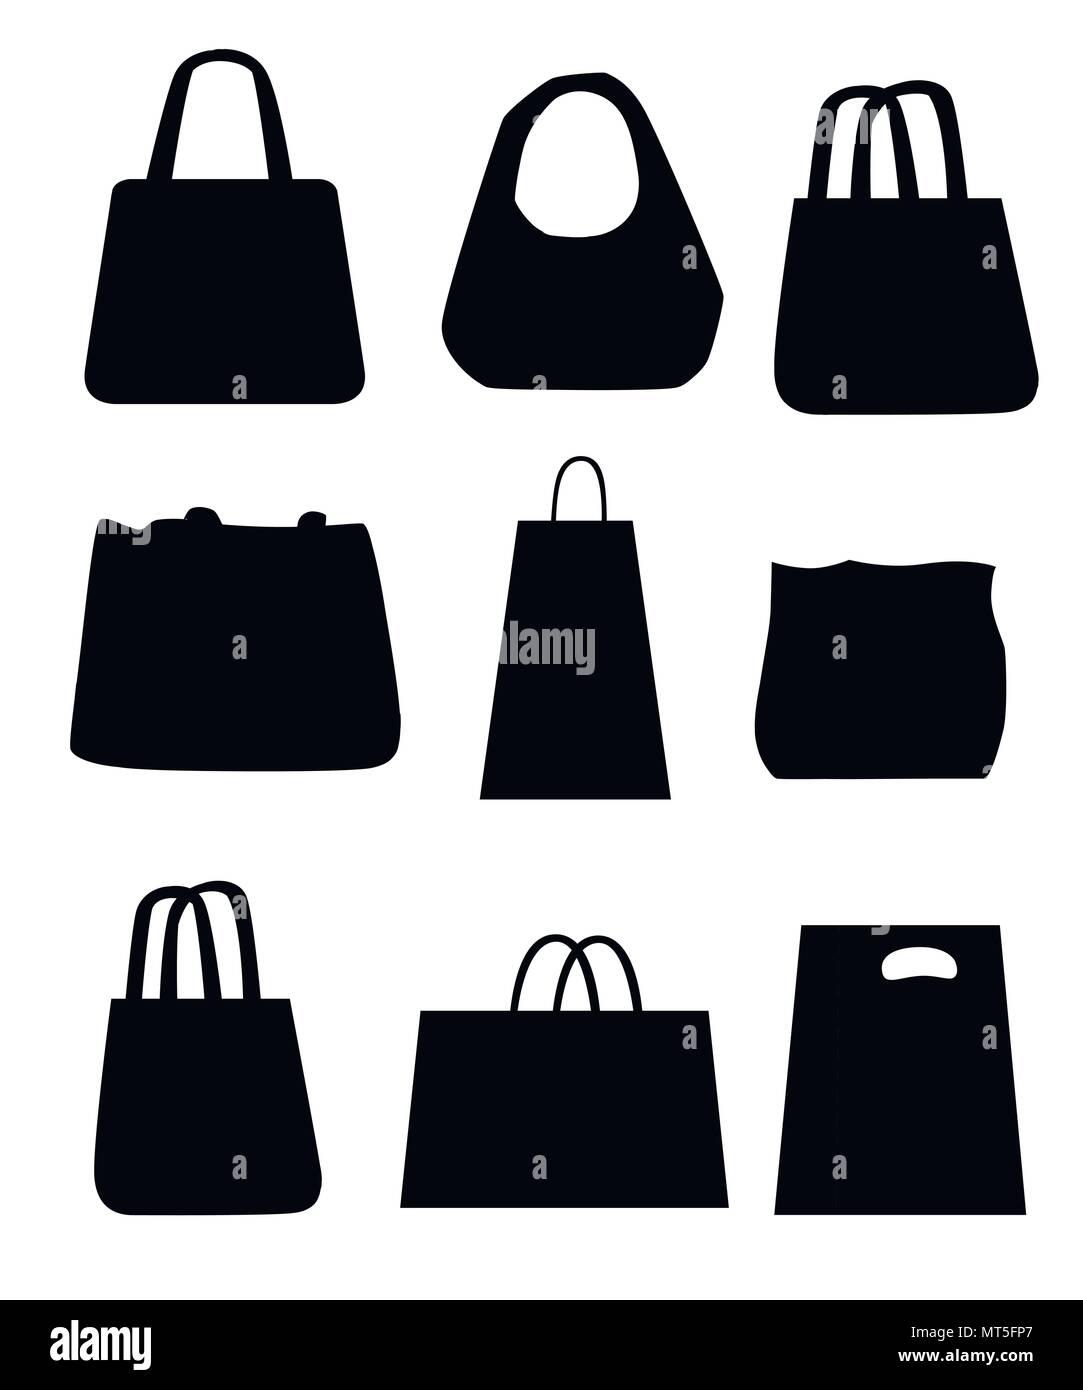 borsa, donna, silhouette, moda, nero